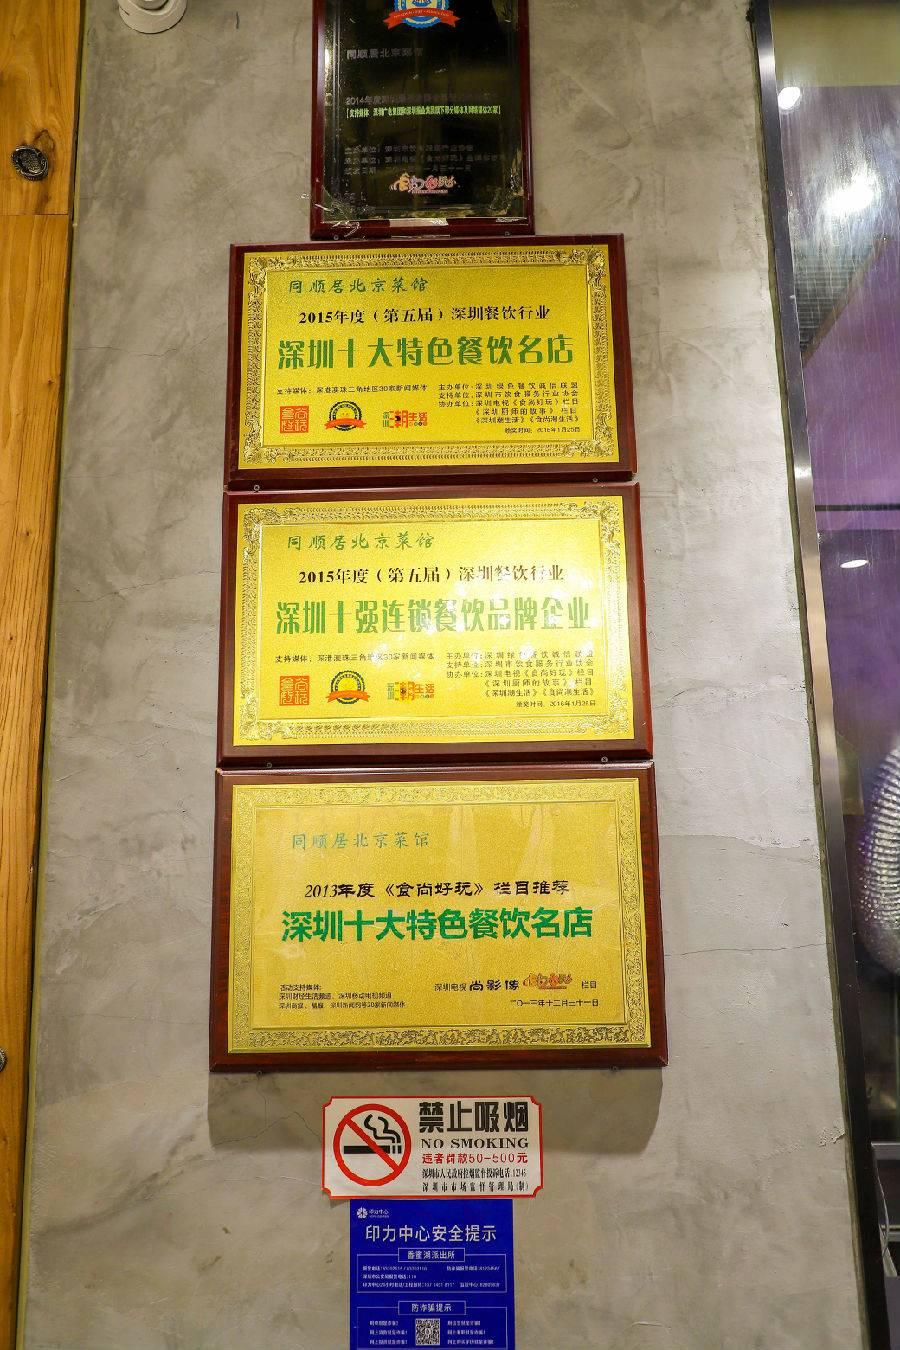 【福田·美食】地道北京烤鸭盛宴!99元抢299元『同顺居』2-3人正宗北京烤鸭套餐!